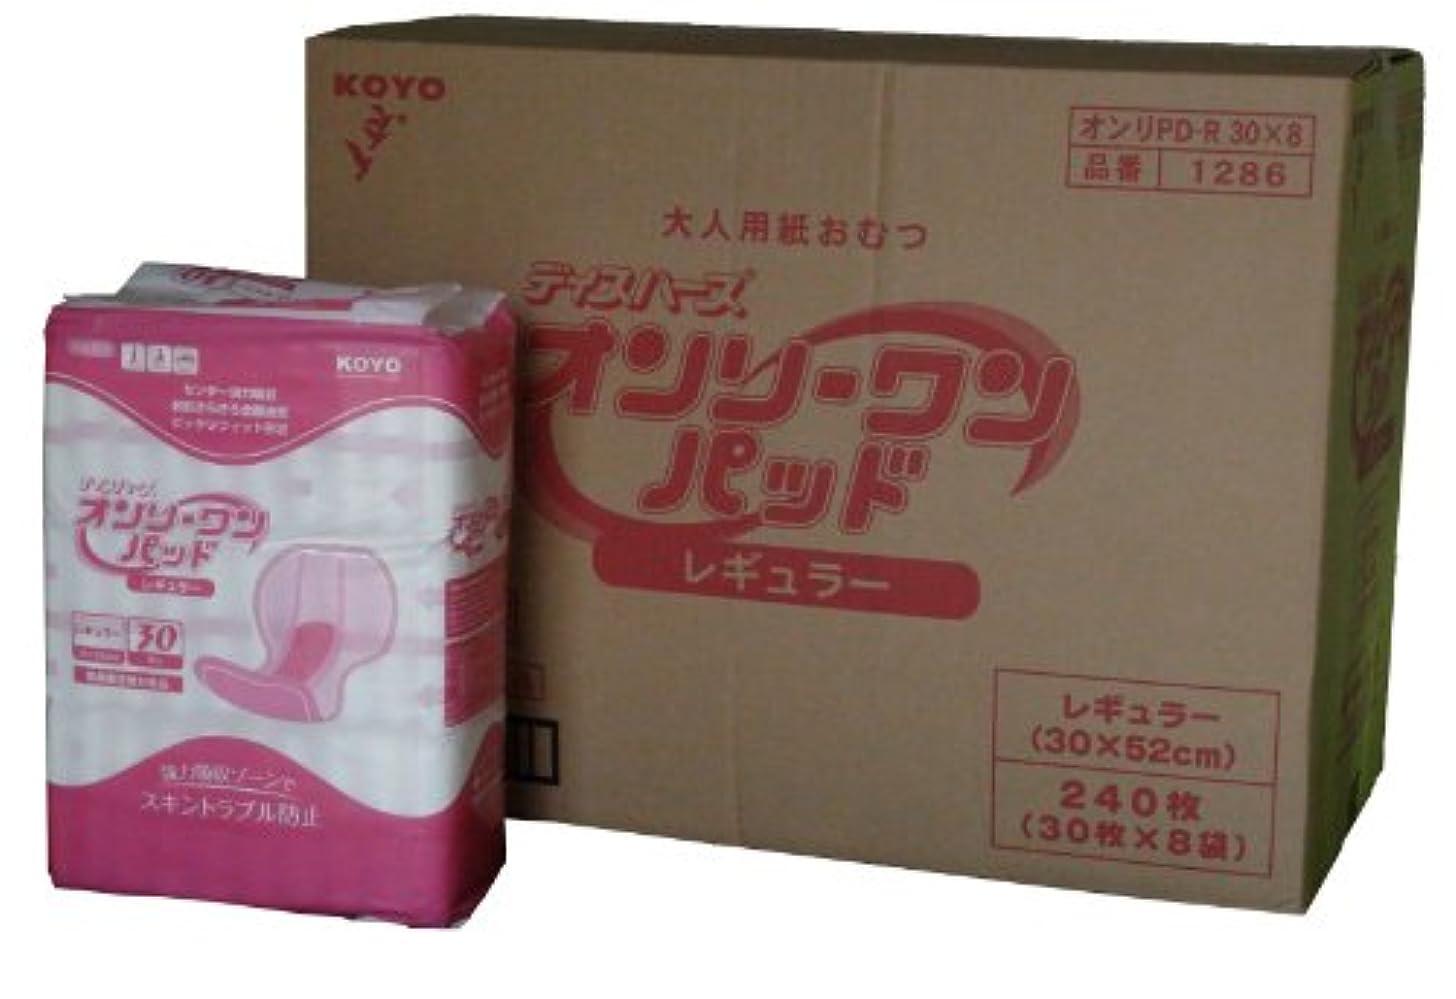 もの宿題をする見通しオンリーワンパッド レギュラー 30枚×8袋(240枚)